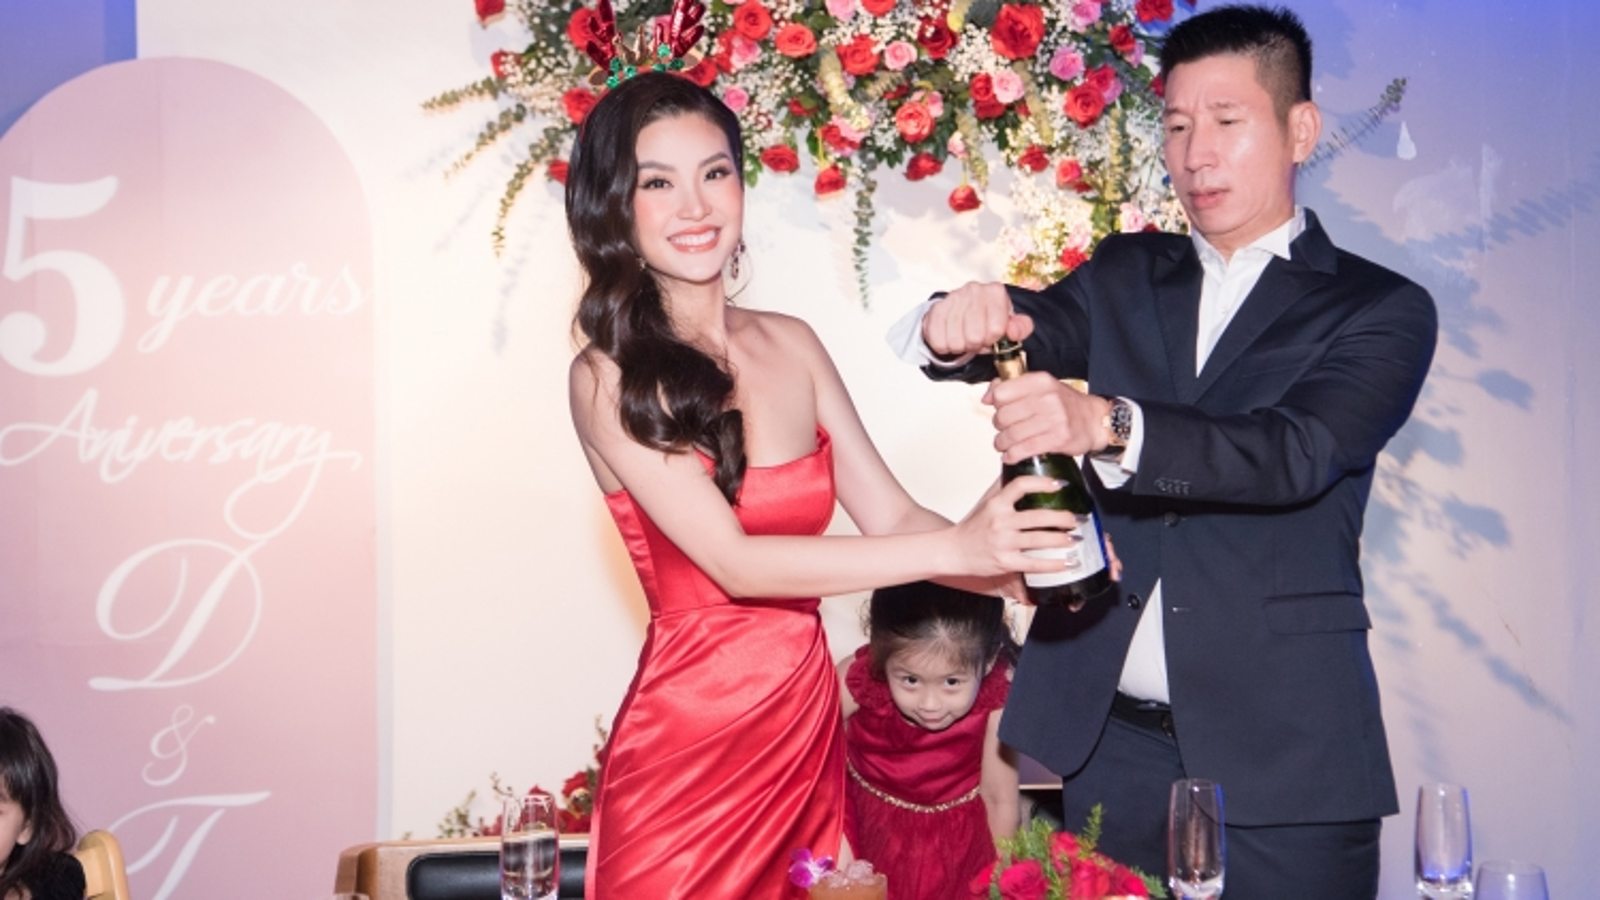 """Á hậu Diễm Trang tổ chức kỷ niệm 5 năm ngày cưới với chồng """"đại gia"""" dịp Giáng sinh"""